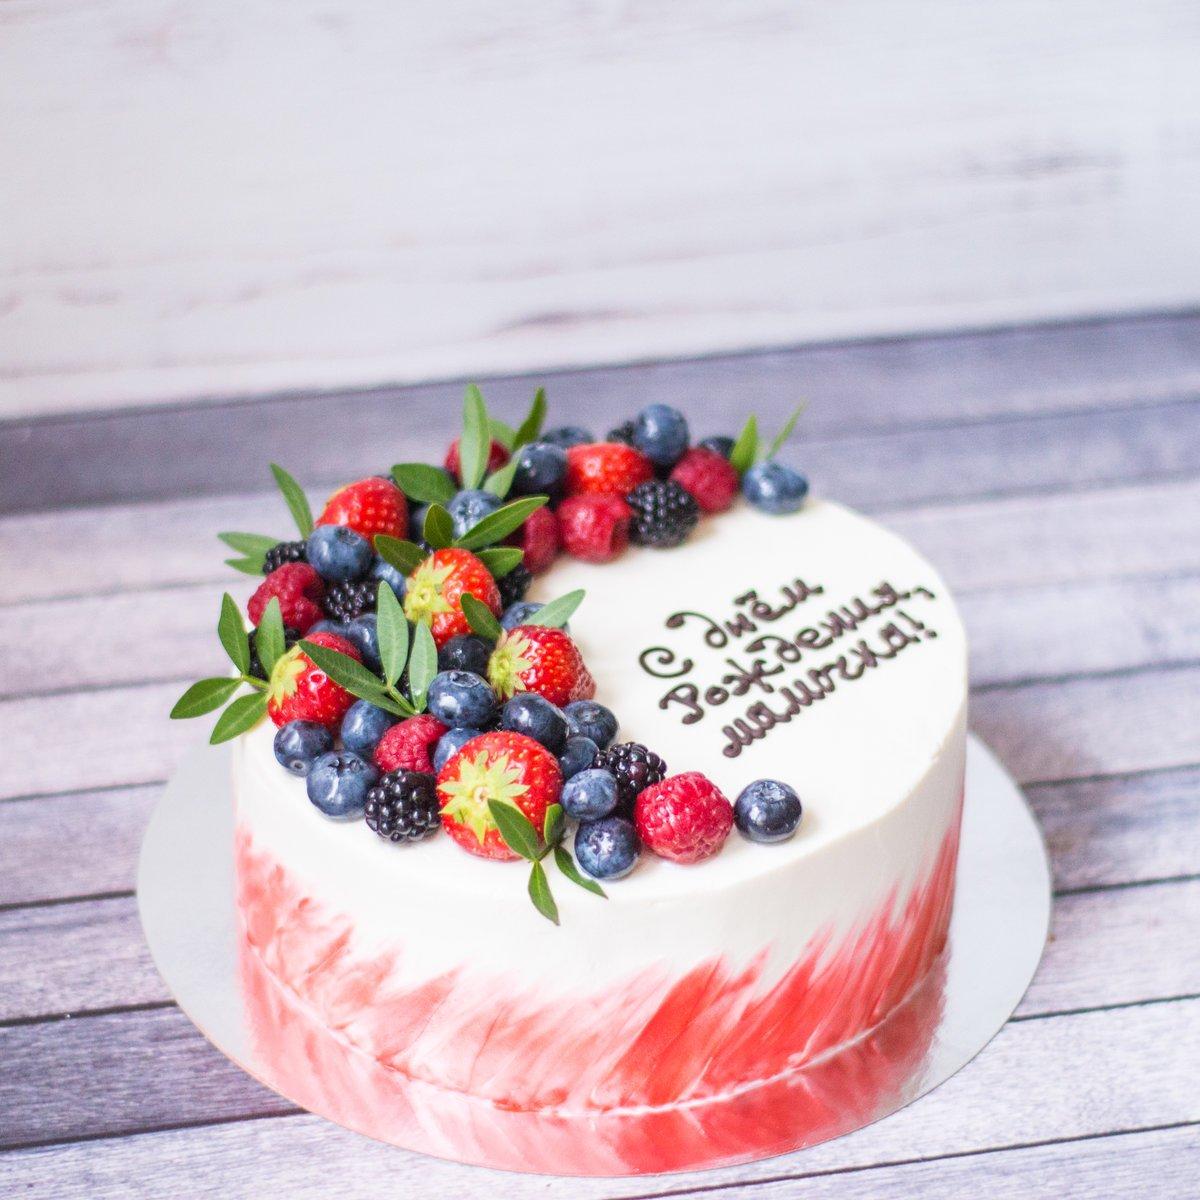 всех фото тортов с ягодами и фруктами первые